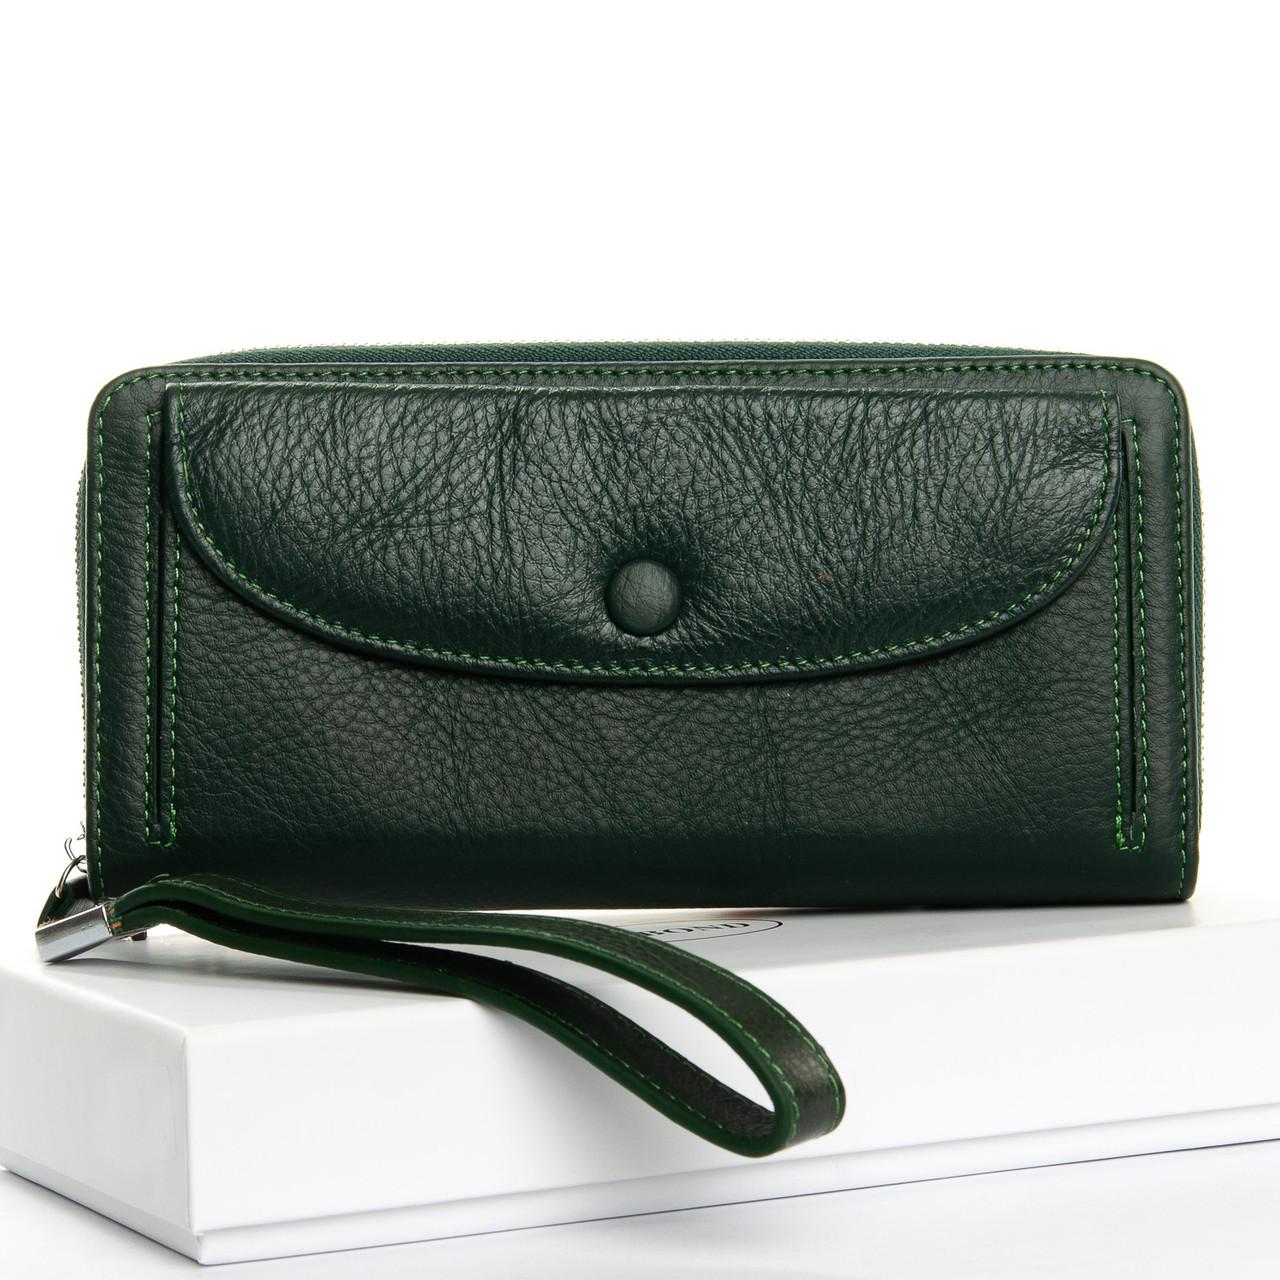 Жіночий гаманець шкіряний Зелений Classic DR. BOND WS-22 темно-зелений